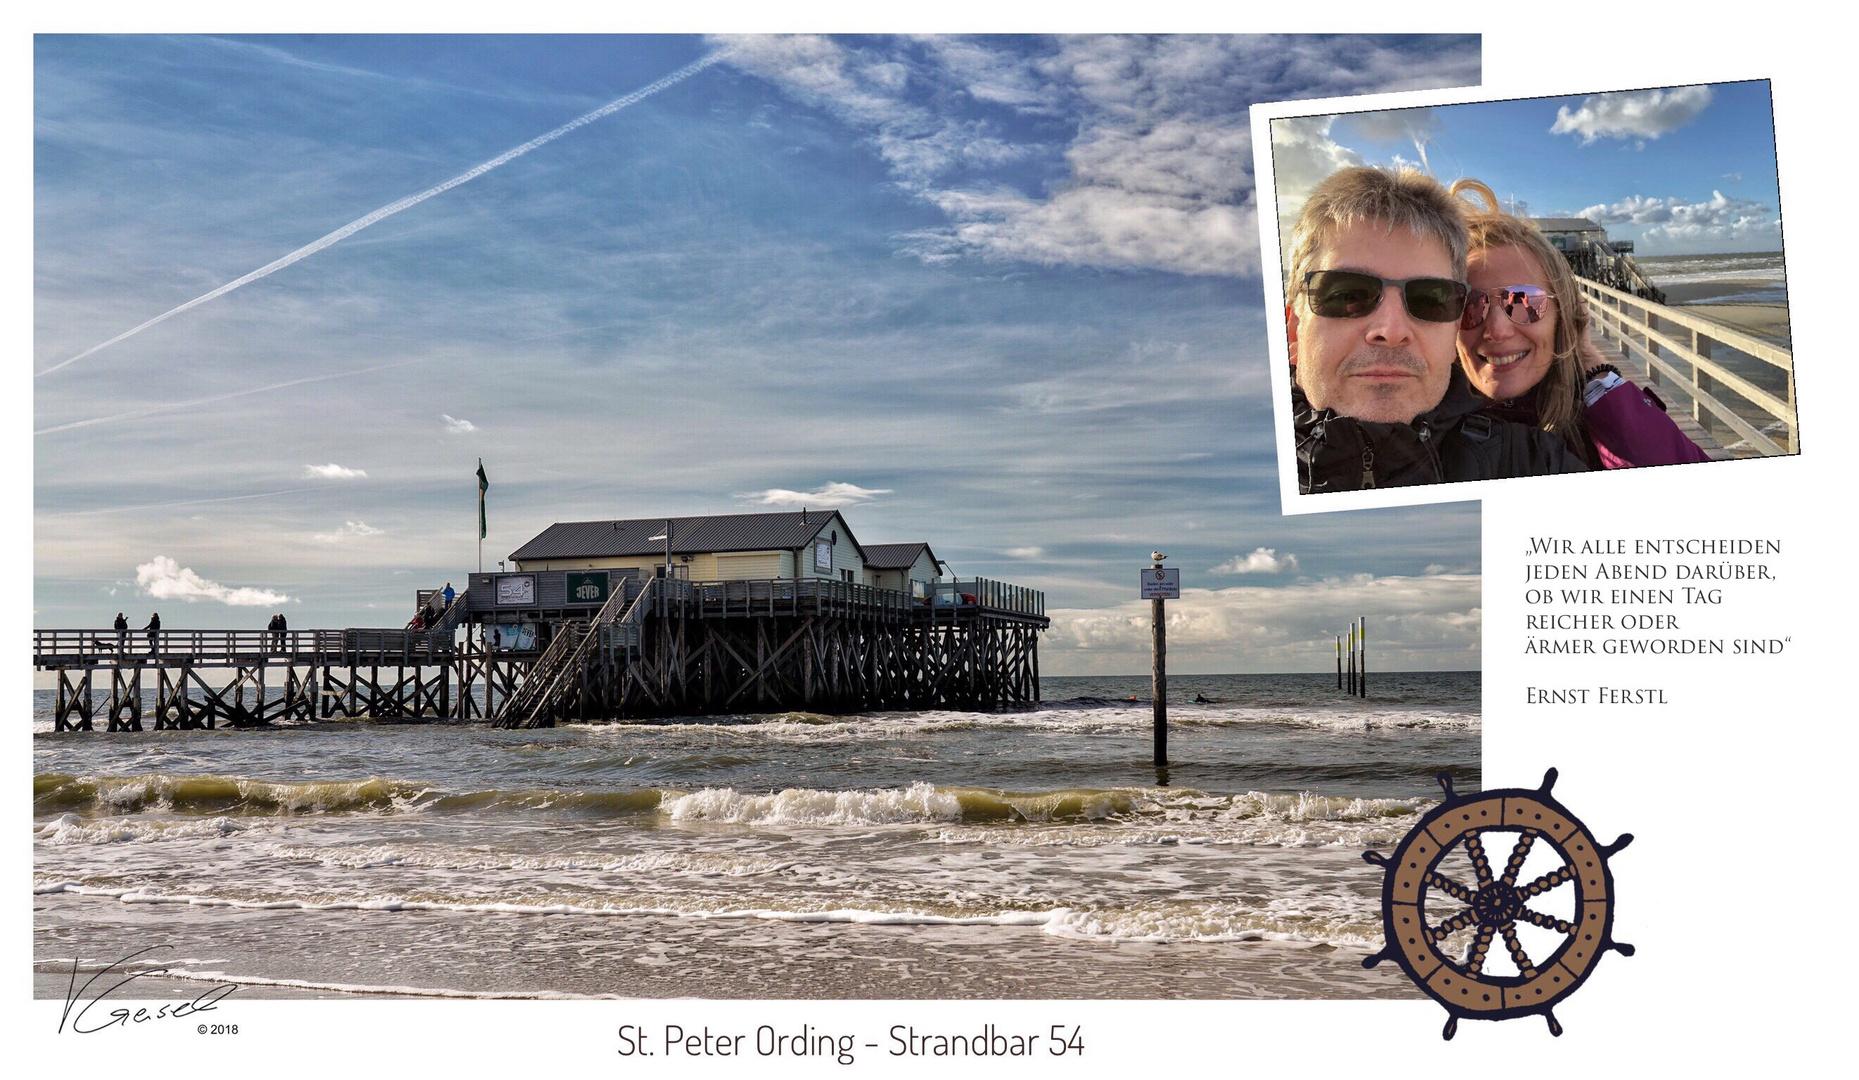 St.-Peter Ording Strandbar 54